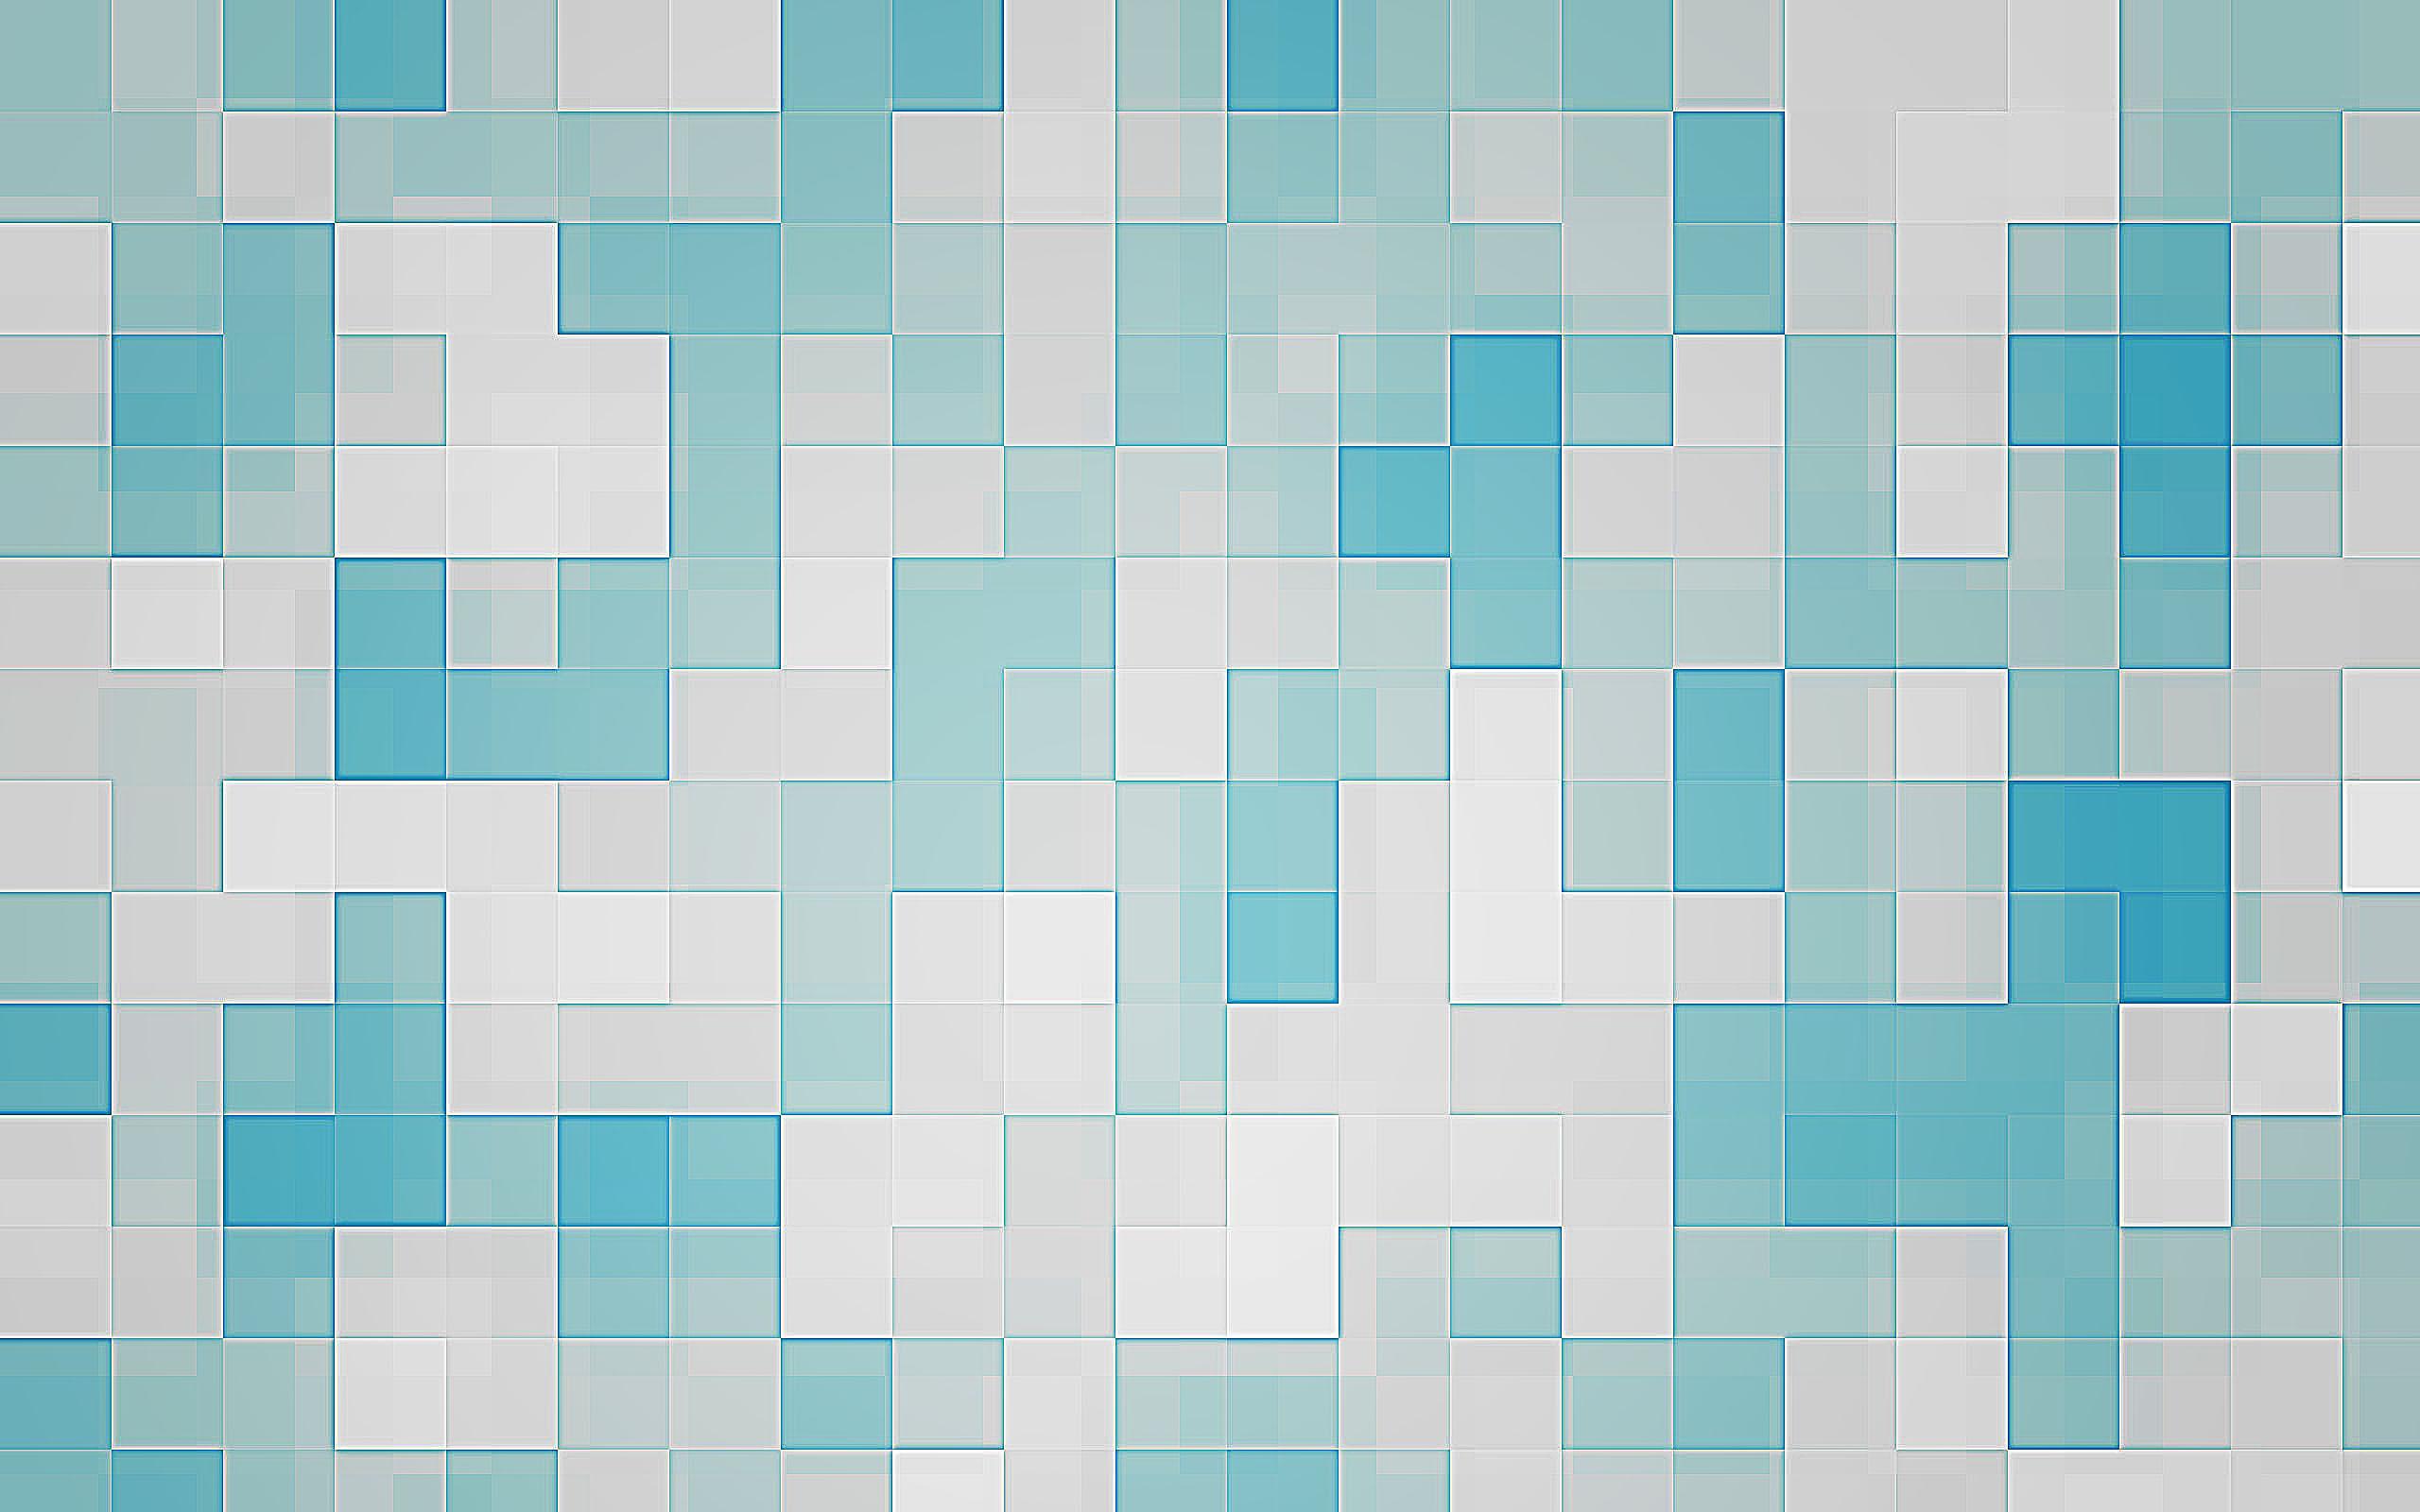 Fondos Abstractos II ADNFriki (7)